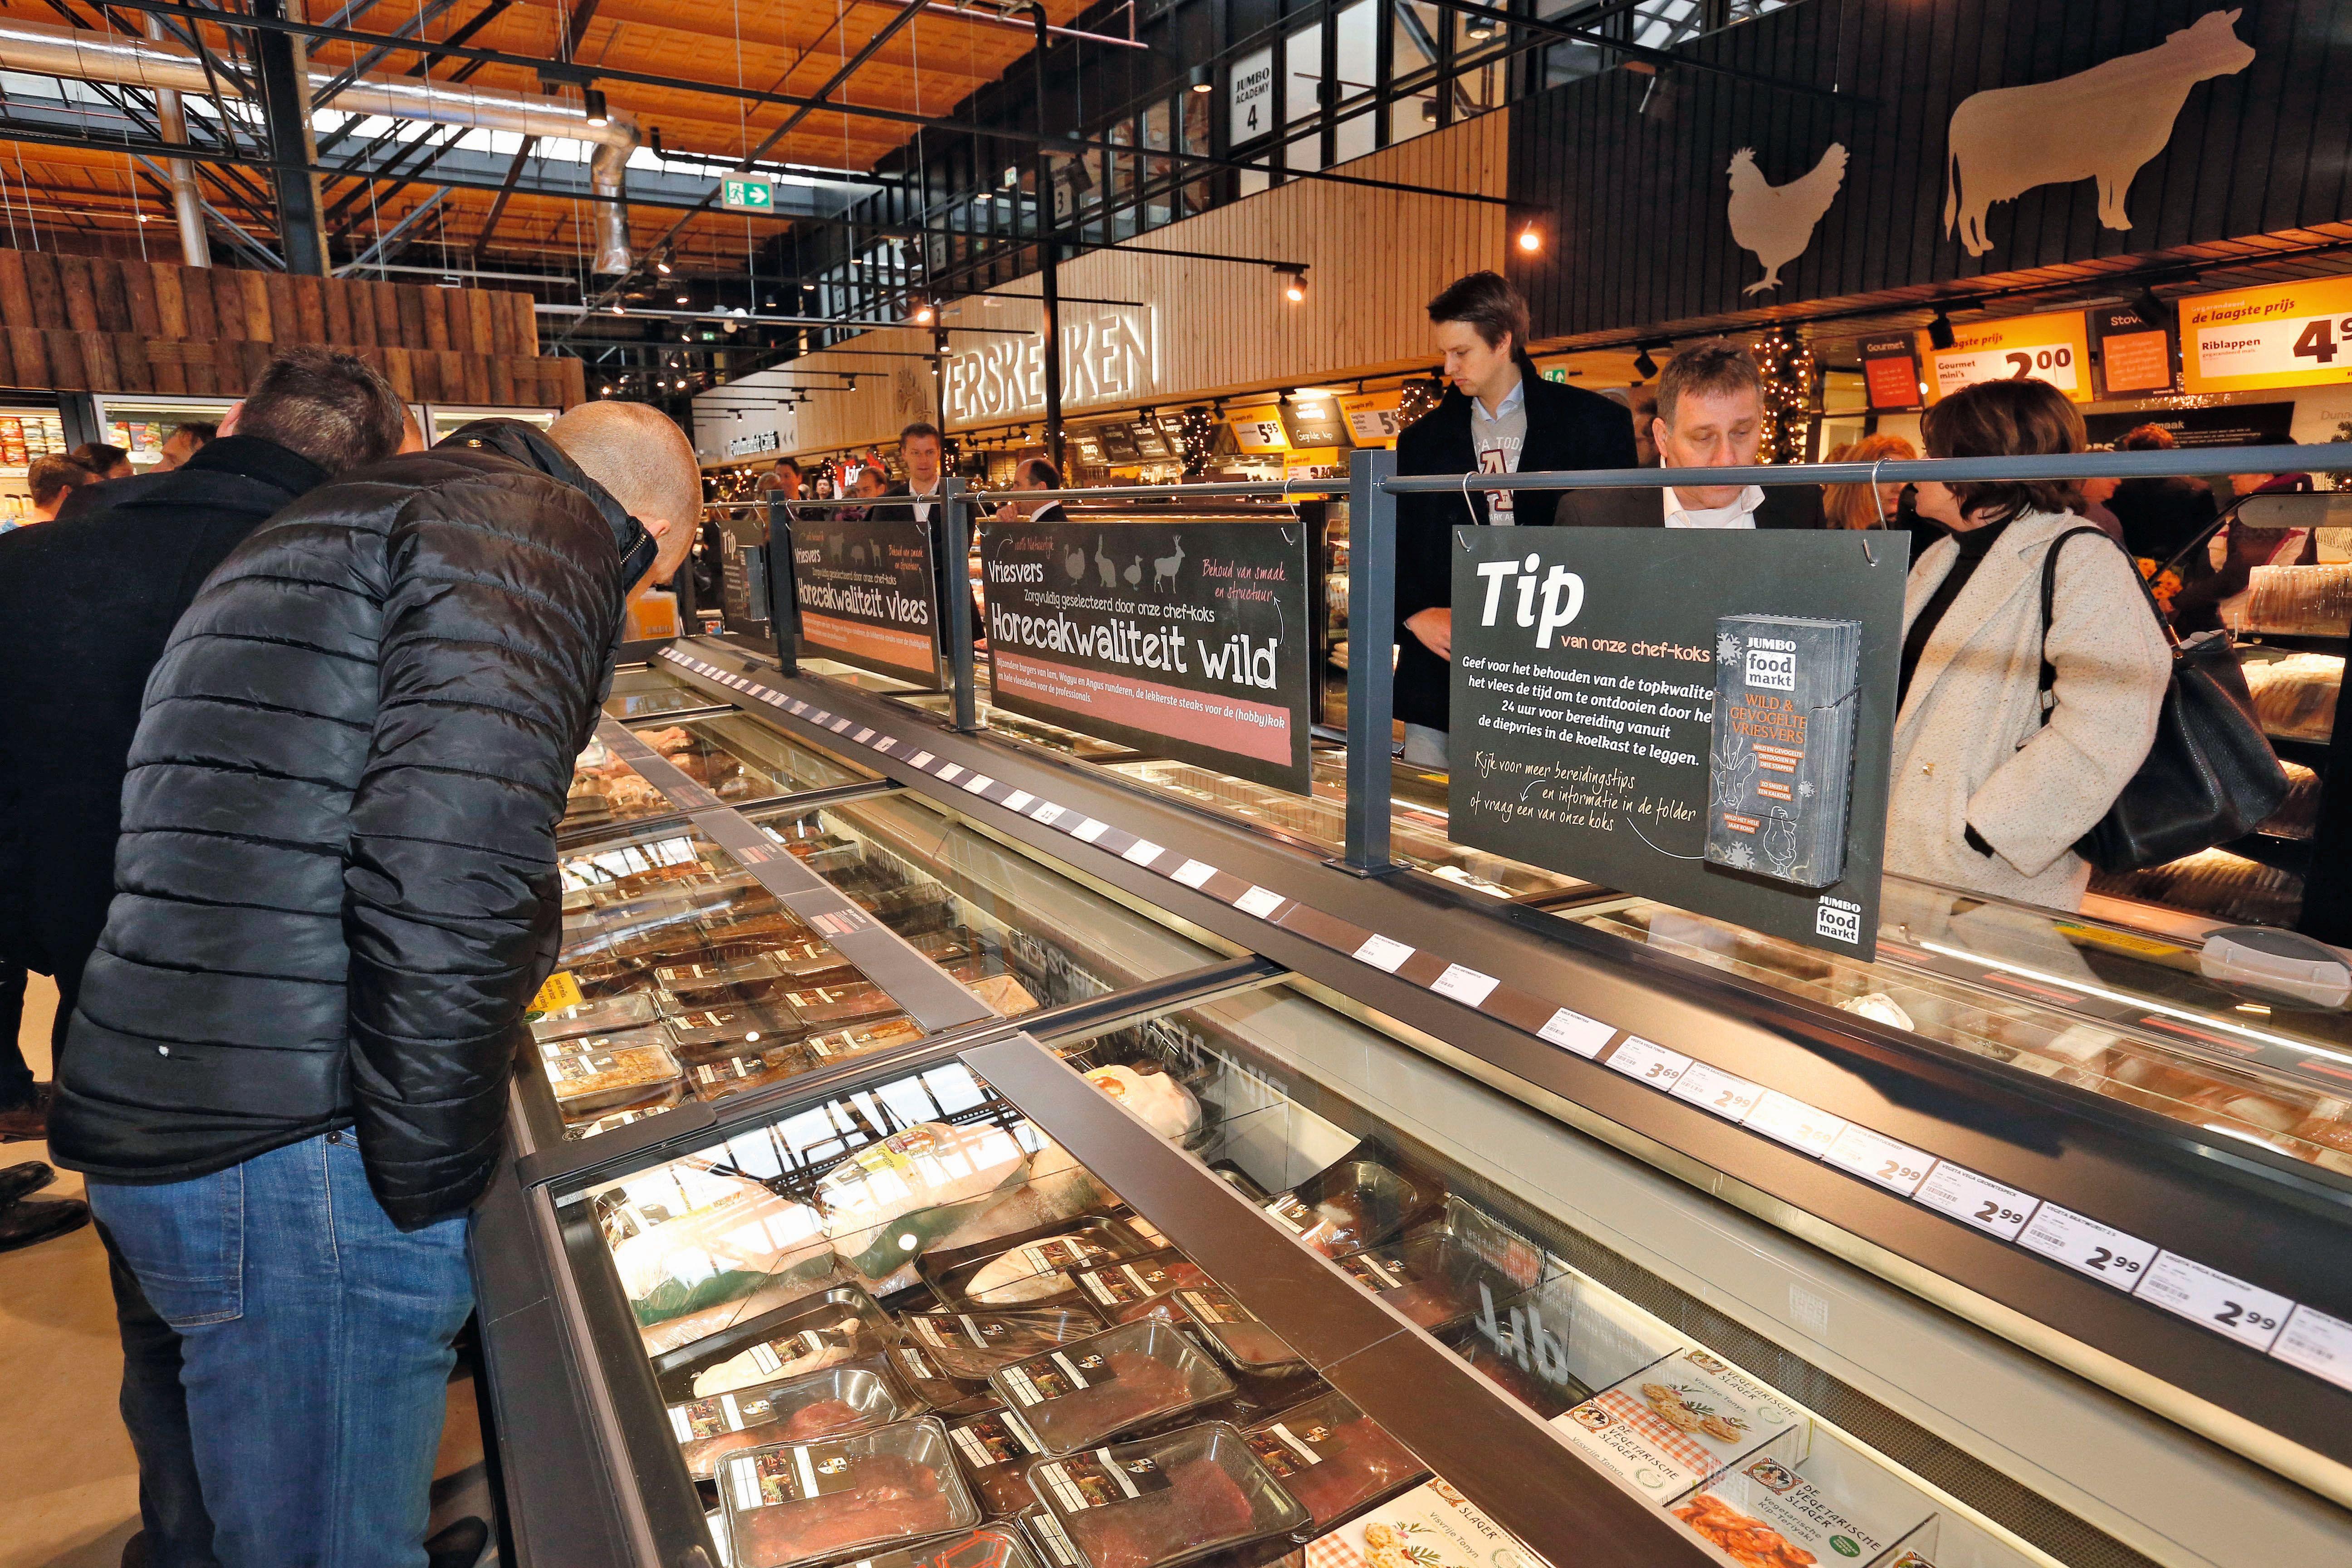 De Jumbo Foodmarkt wordt door gasten hoog gewaardeerd op het gebied van zowel experience als gemak, zo blijkt uit onderzoek. Foto: Bert Jansen